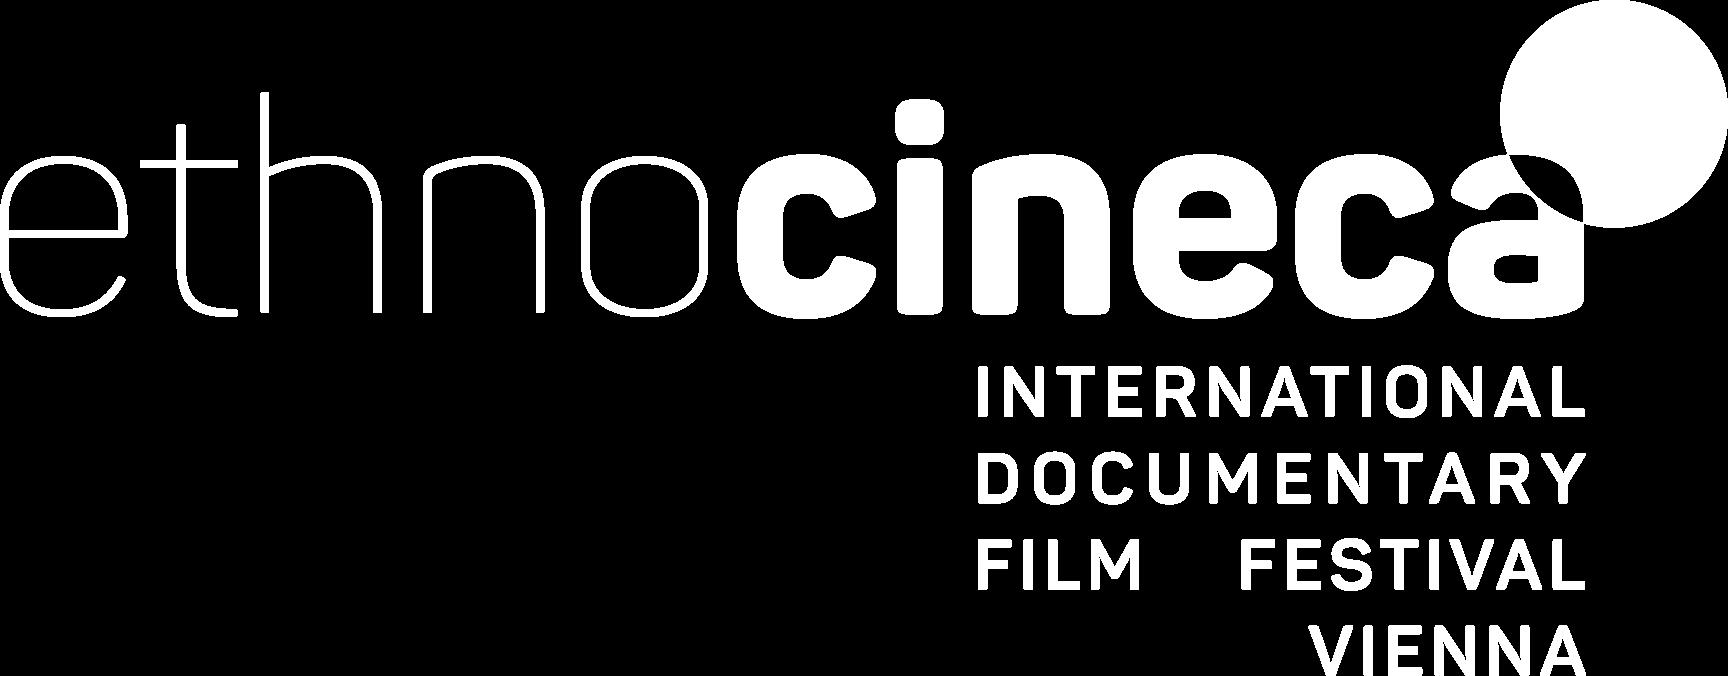 Festival international documentaire film vienne